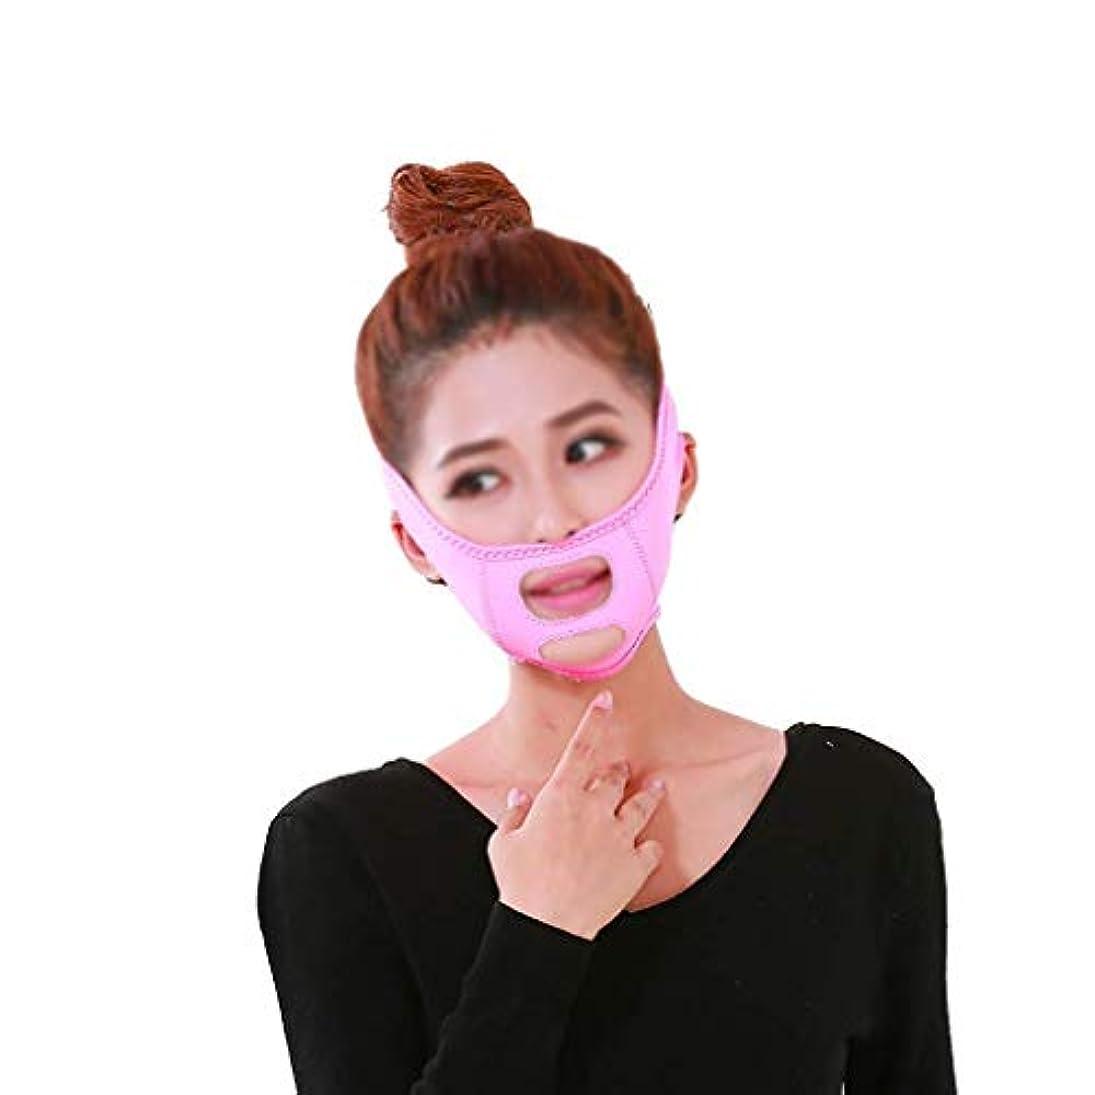 放棄すると遊ぶ年金フェイスリフトフェイシャル、フェイシャルマスクVフェイスマスクタイトで肌のリラクゼーションを防止Vフェイスアーティファクトフェイスリフトバンデージフェイスケア(色:ピンク)